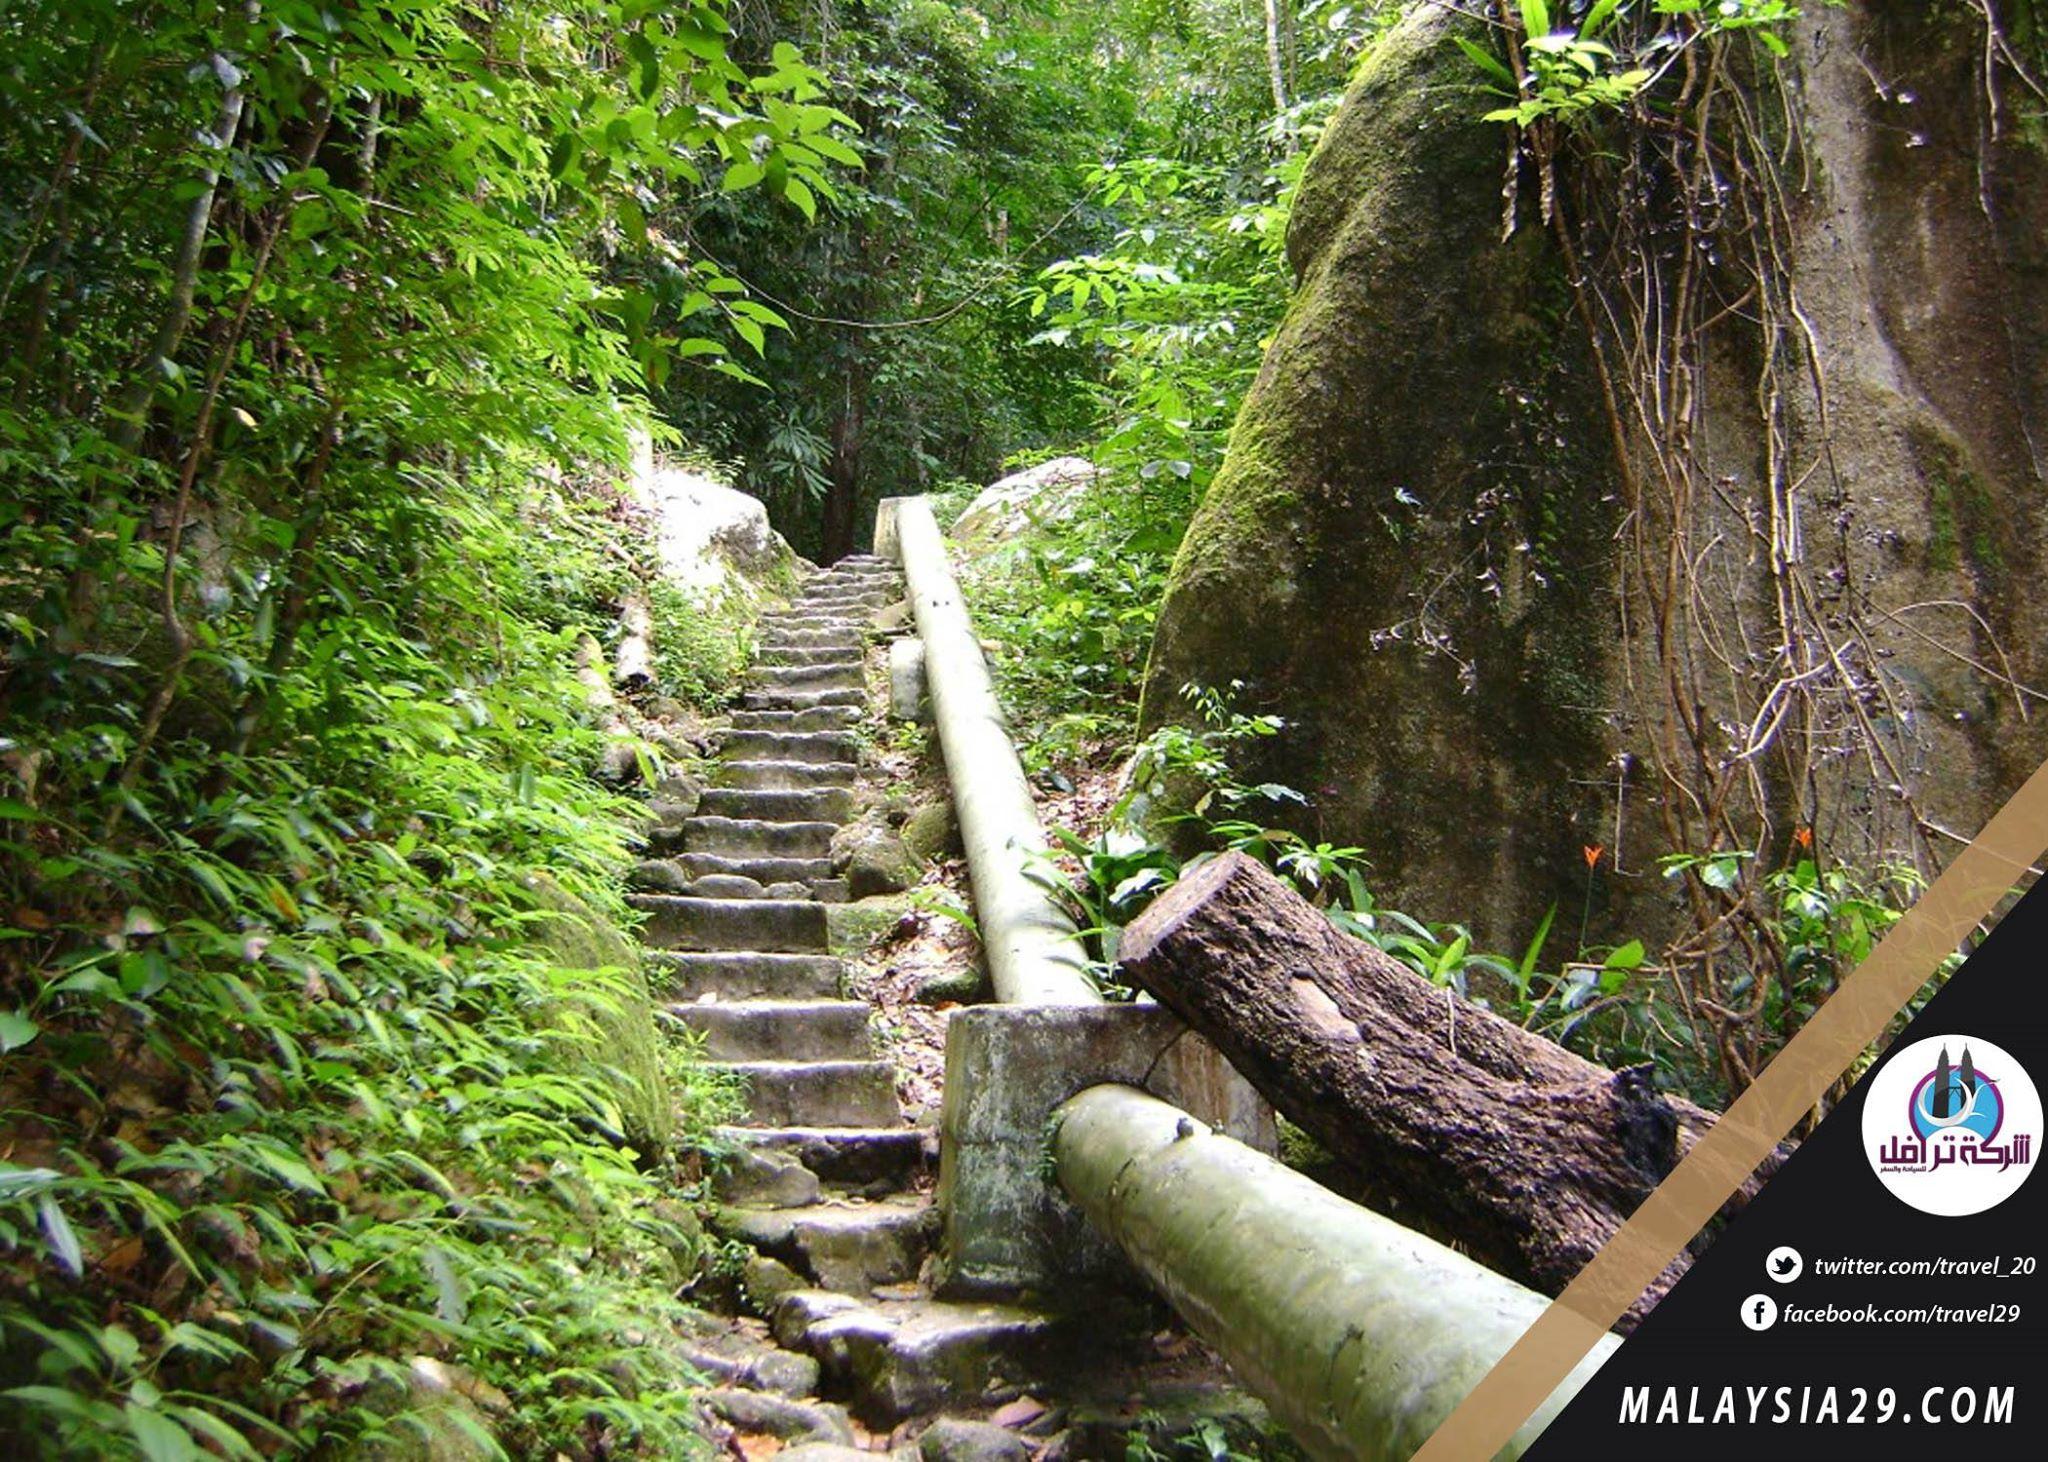 شلالات جزيرة بينانج